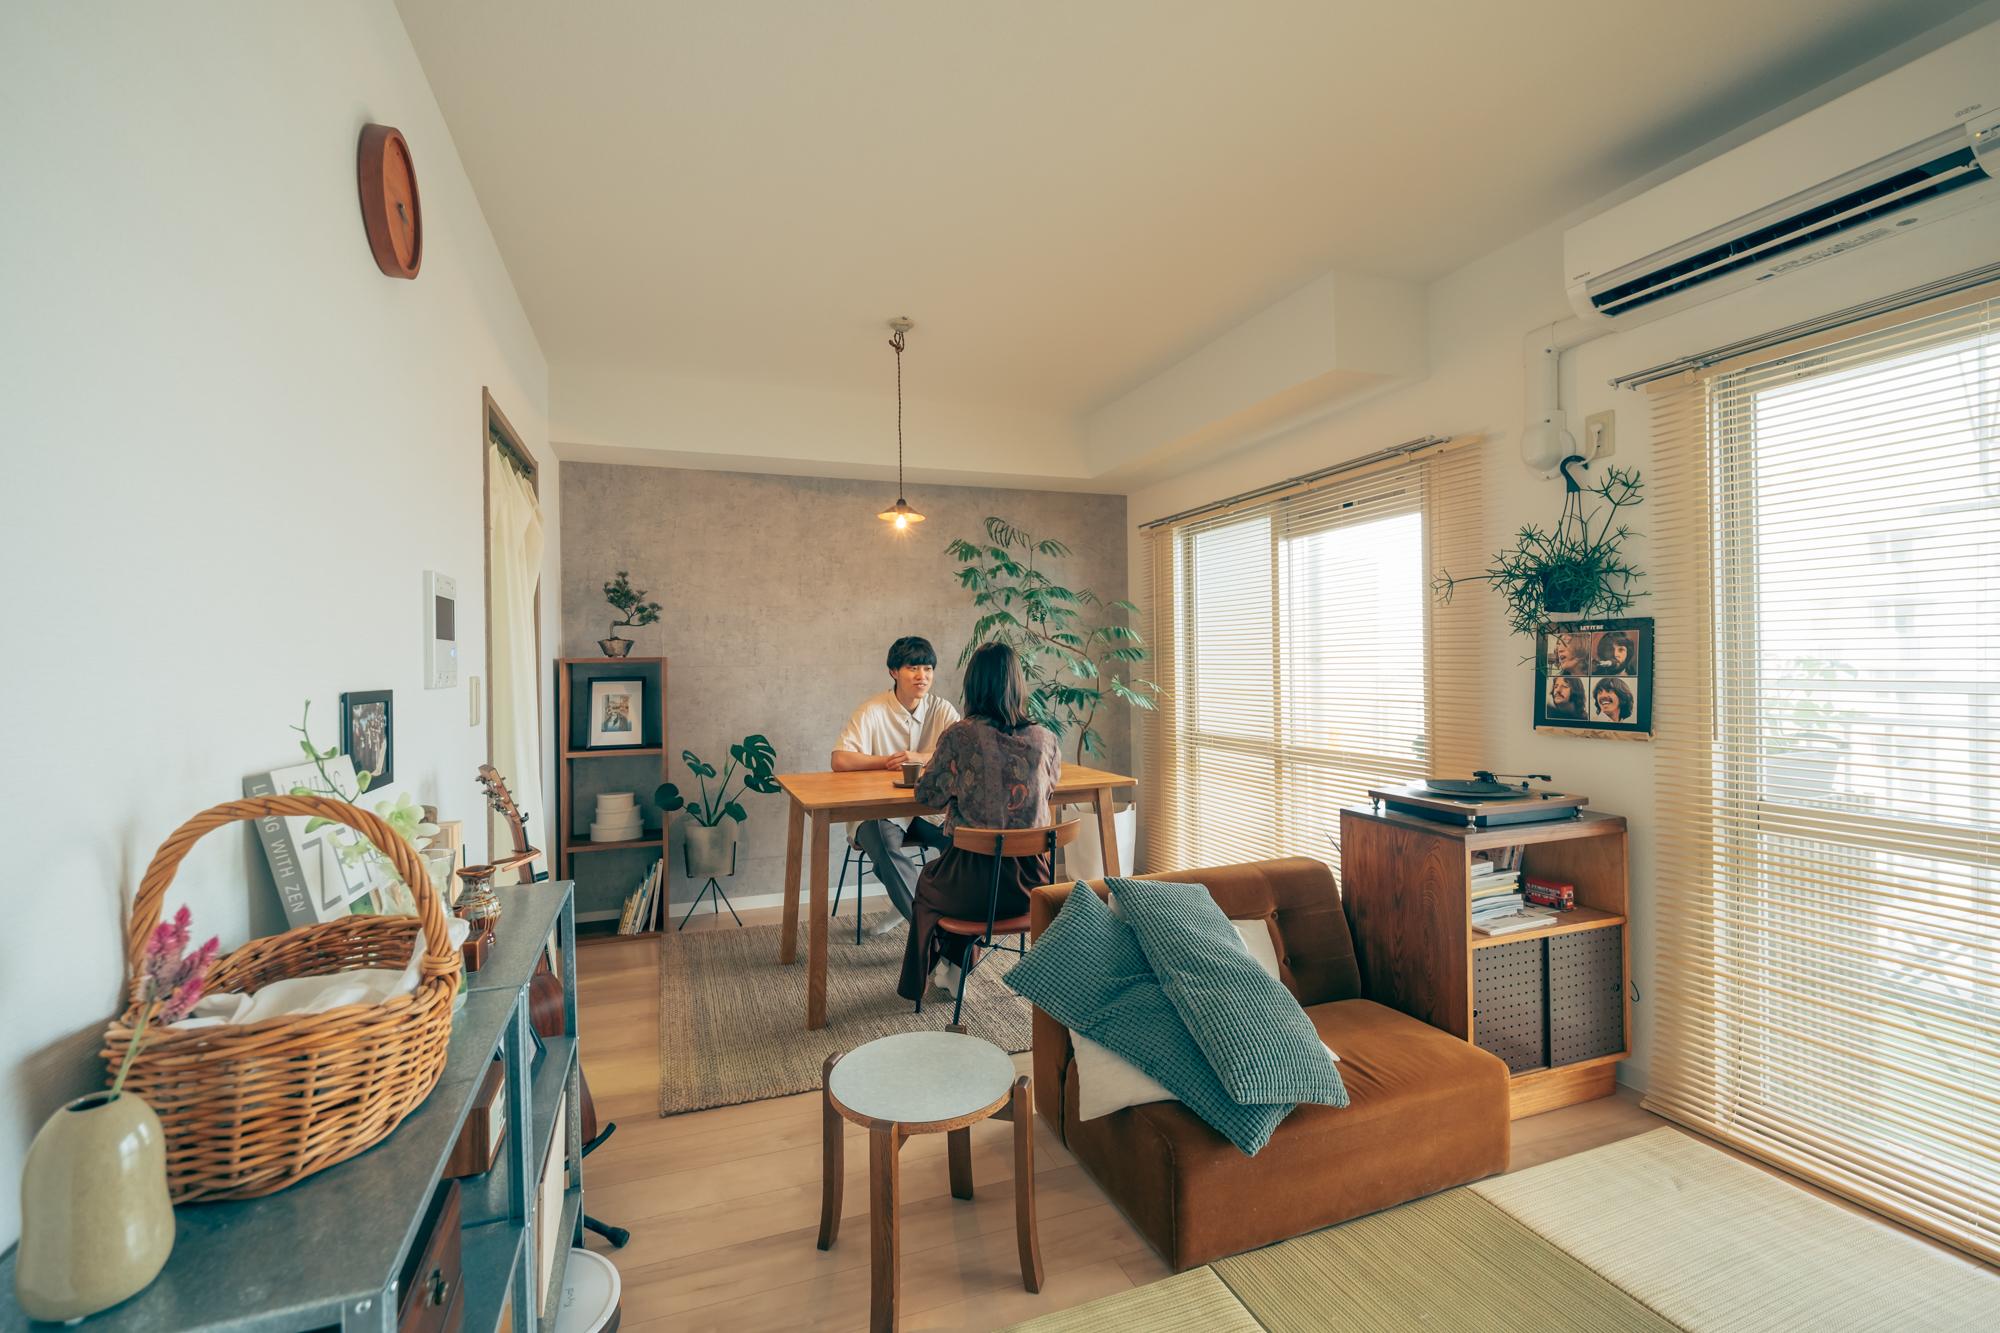 「海の近くに住みたい」という憧れを叶えた、千葉エリアのUR賃貸住宅。自分たちの暮らし方に合ったお部屋で、楽しく部屋づくりをされている、二人暮らしの1LDKを拝見しました。